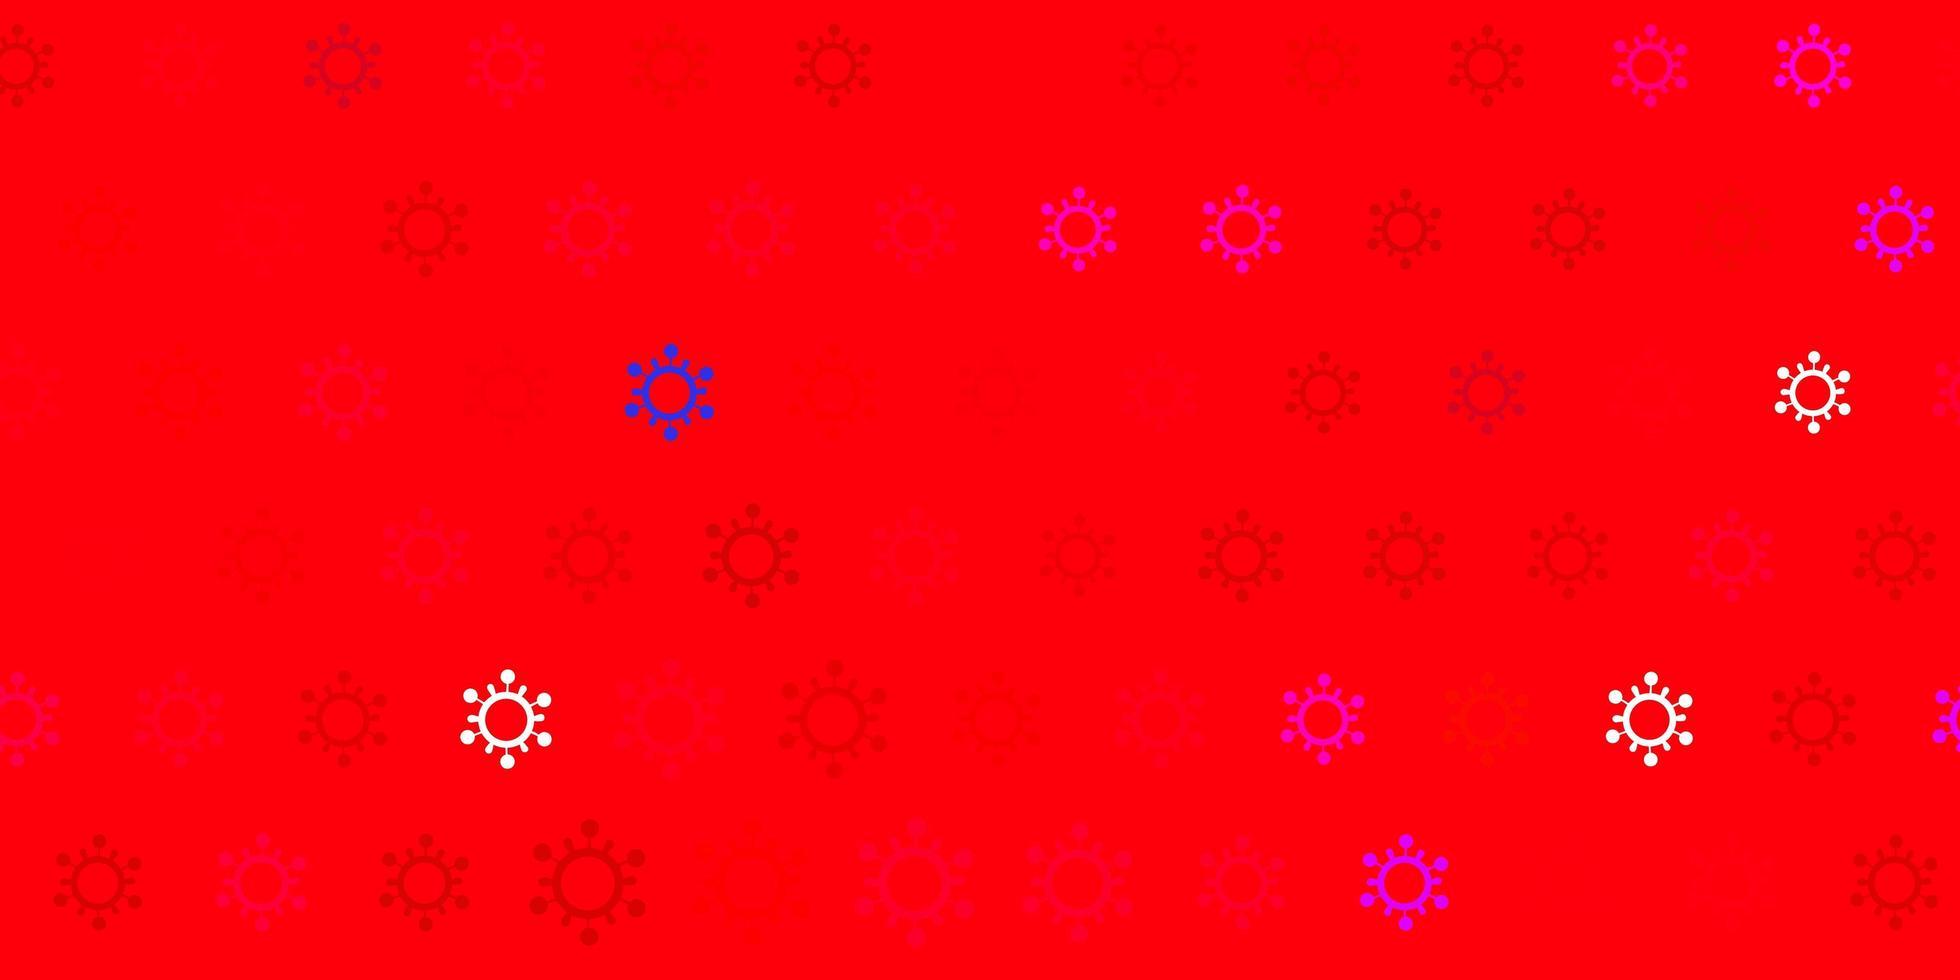 textura vector vermelho escuro com símbolos de doença.